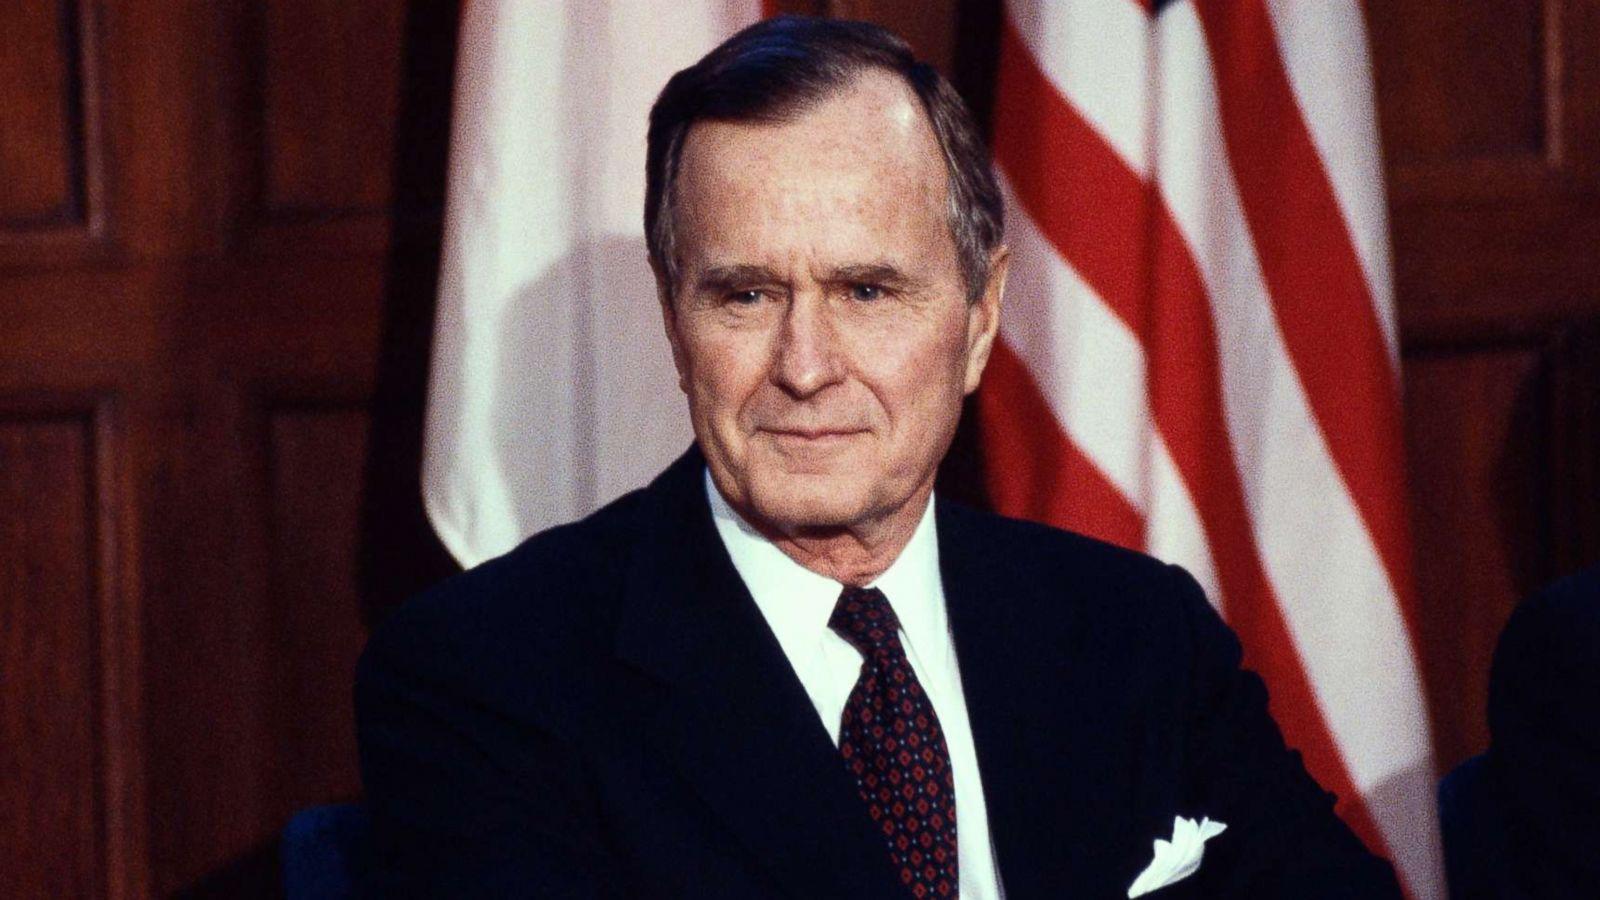 Vị Tổng thống Mỹ gặt hái thành công vang dội nhưng không đắc cử nhiệm kỳ 2 - 1